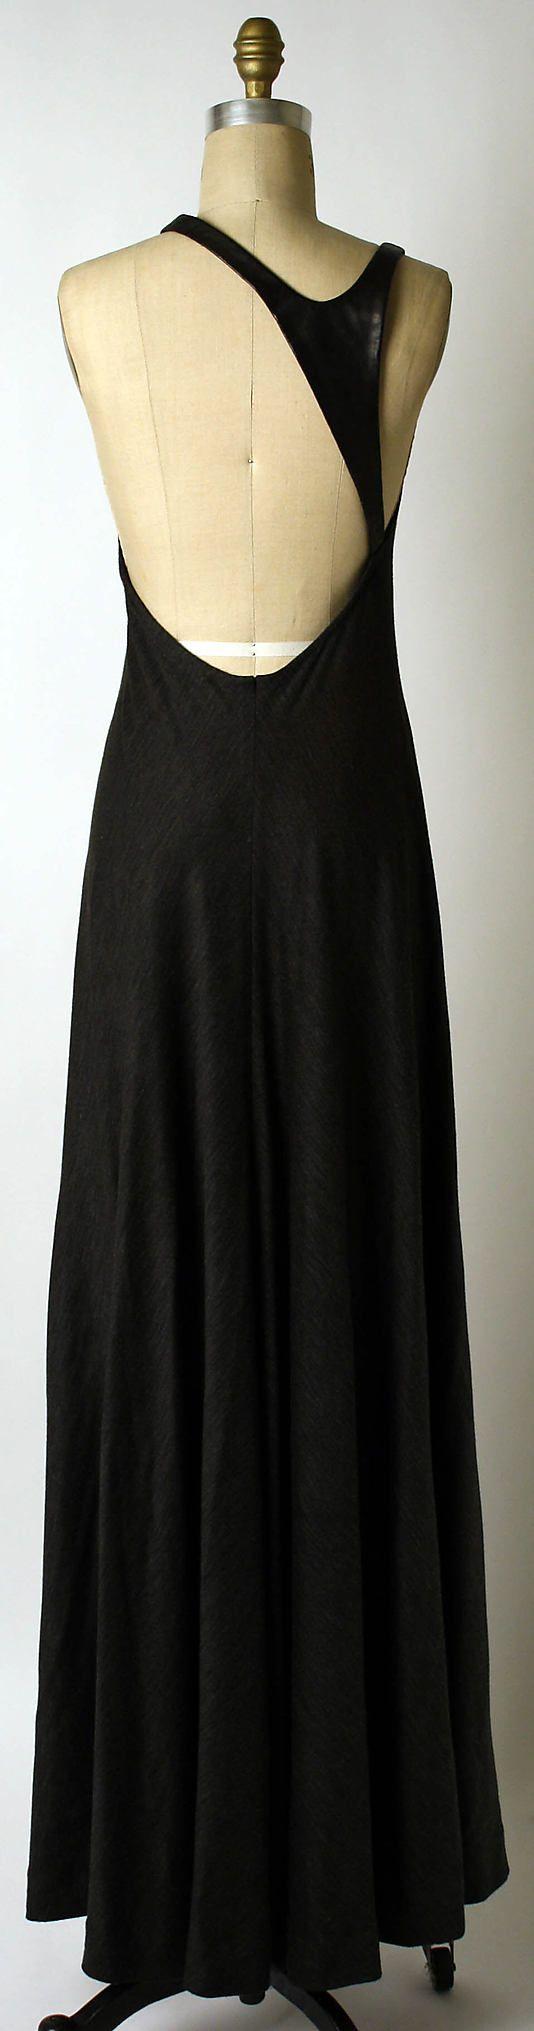 Geoffrey Beene Dress fall/winter 1993–94